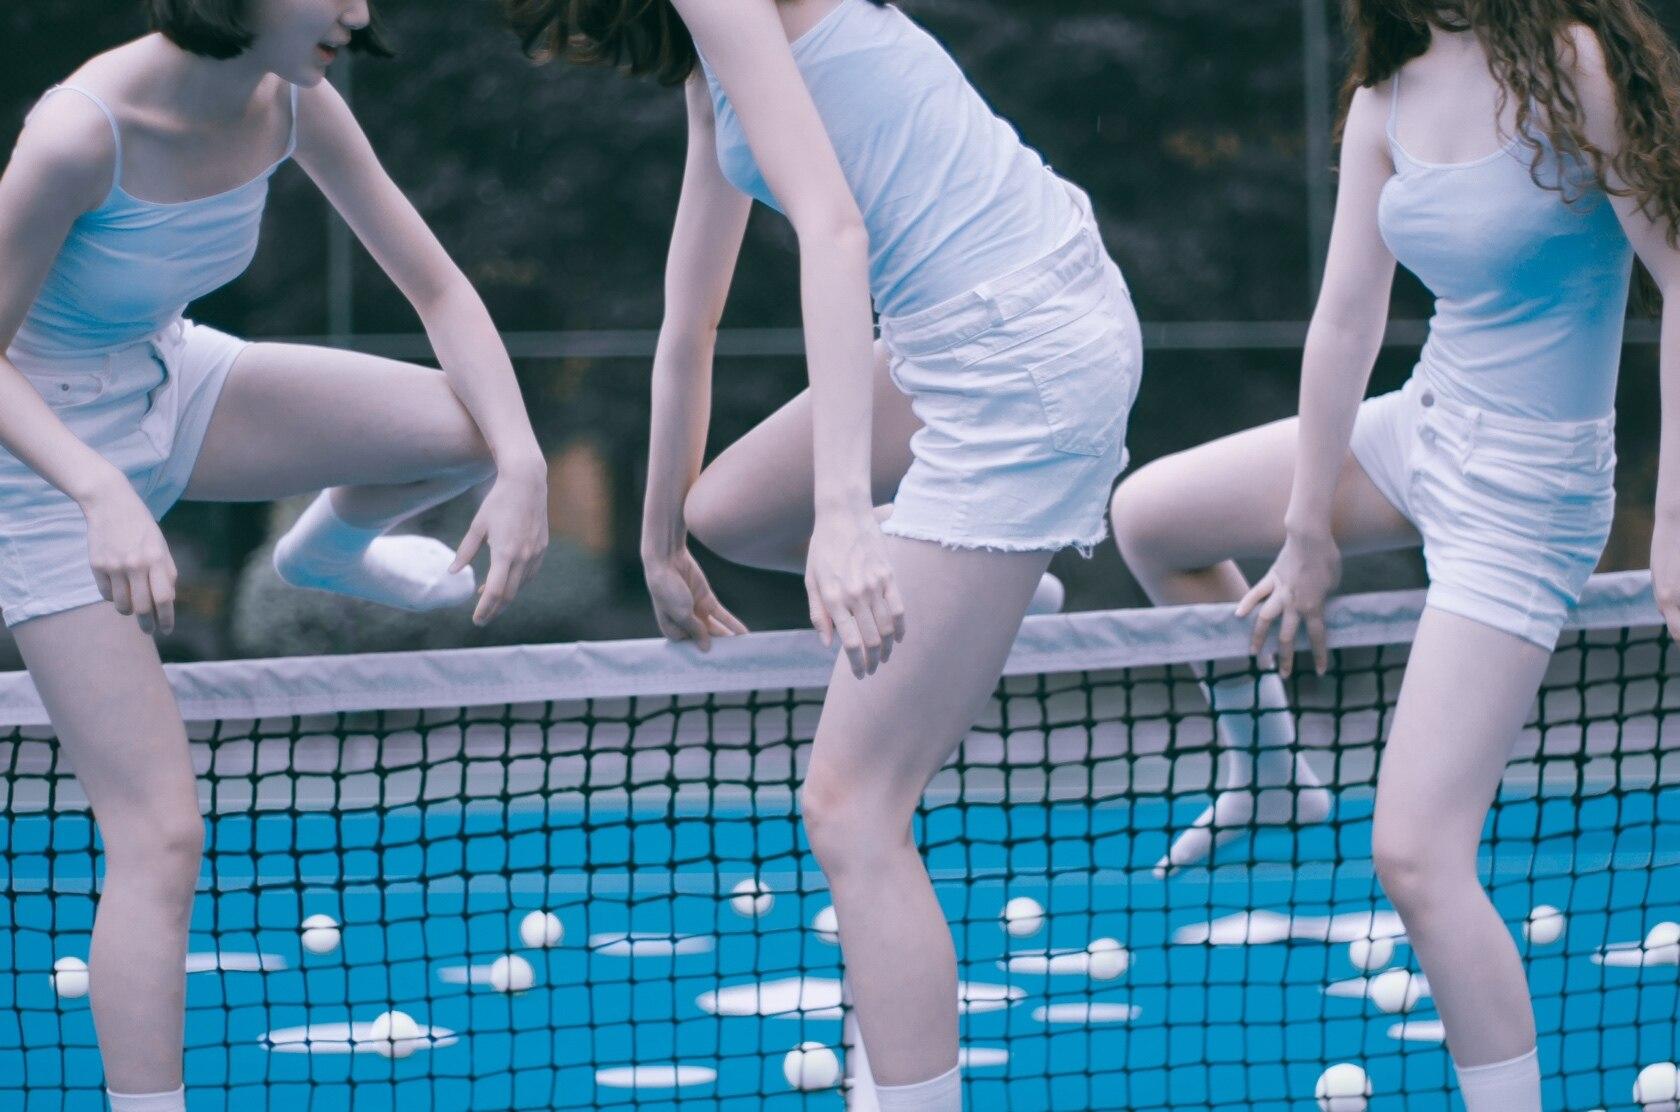 高清蓝白网球妹子壁纸插图1